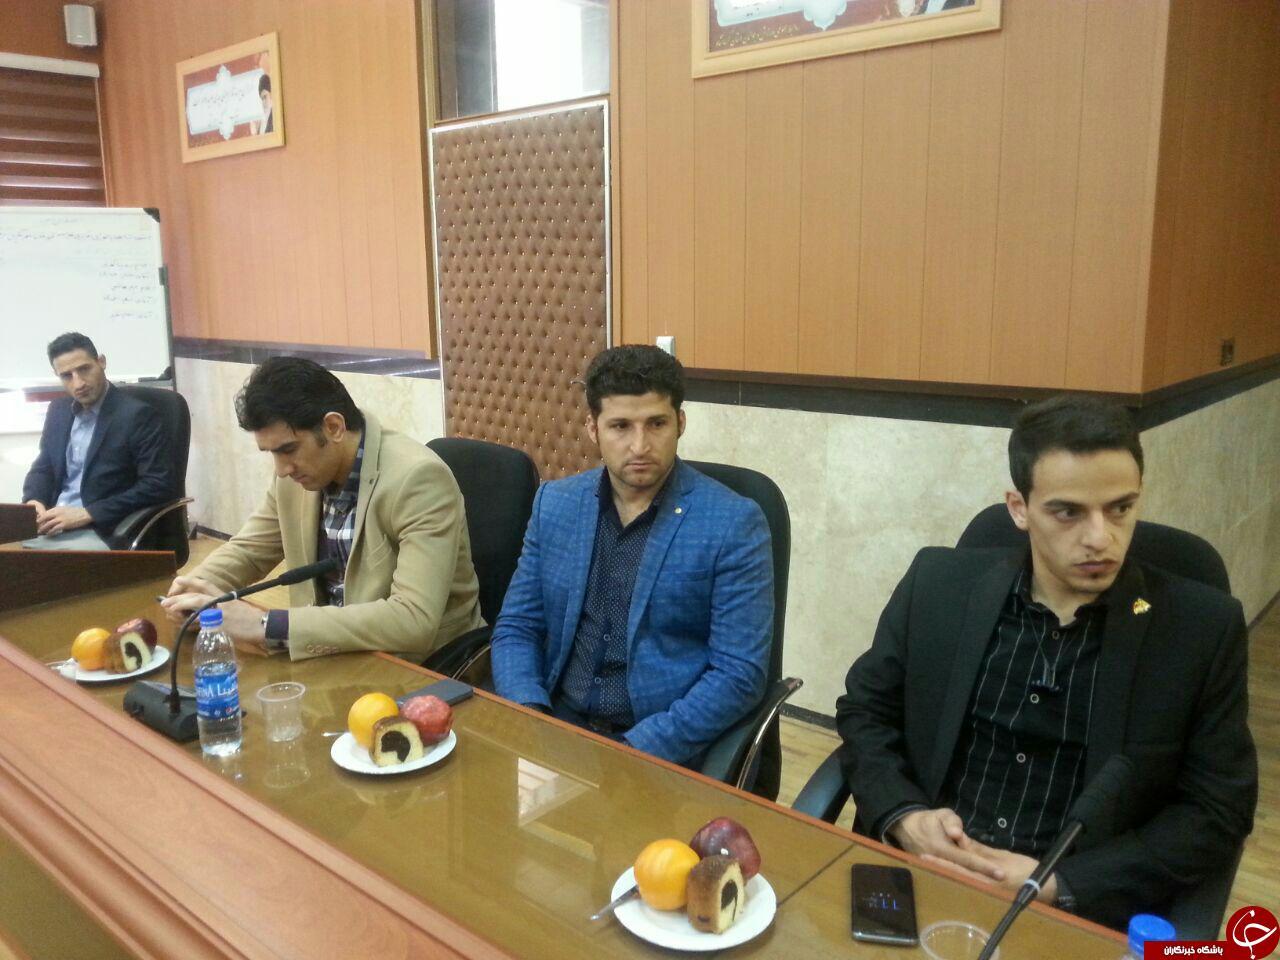 قهرمانان مدال آور کرمانشاهی به کمک کودکان بی سرپرست می آیند+تصاویر